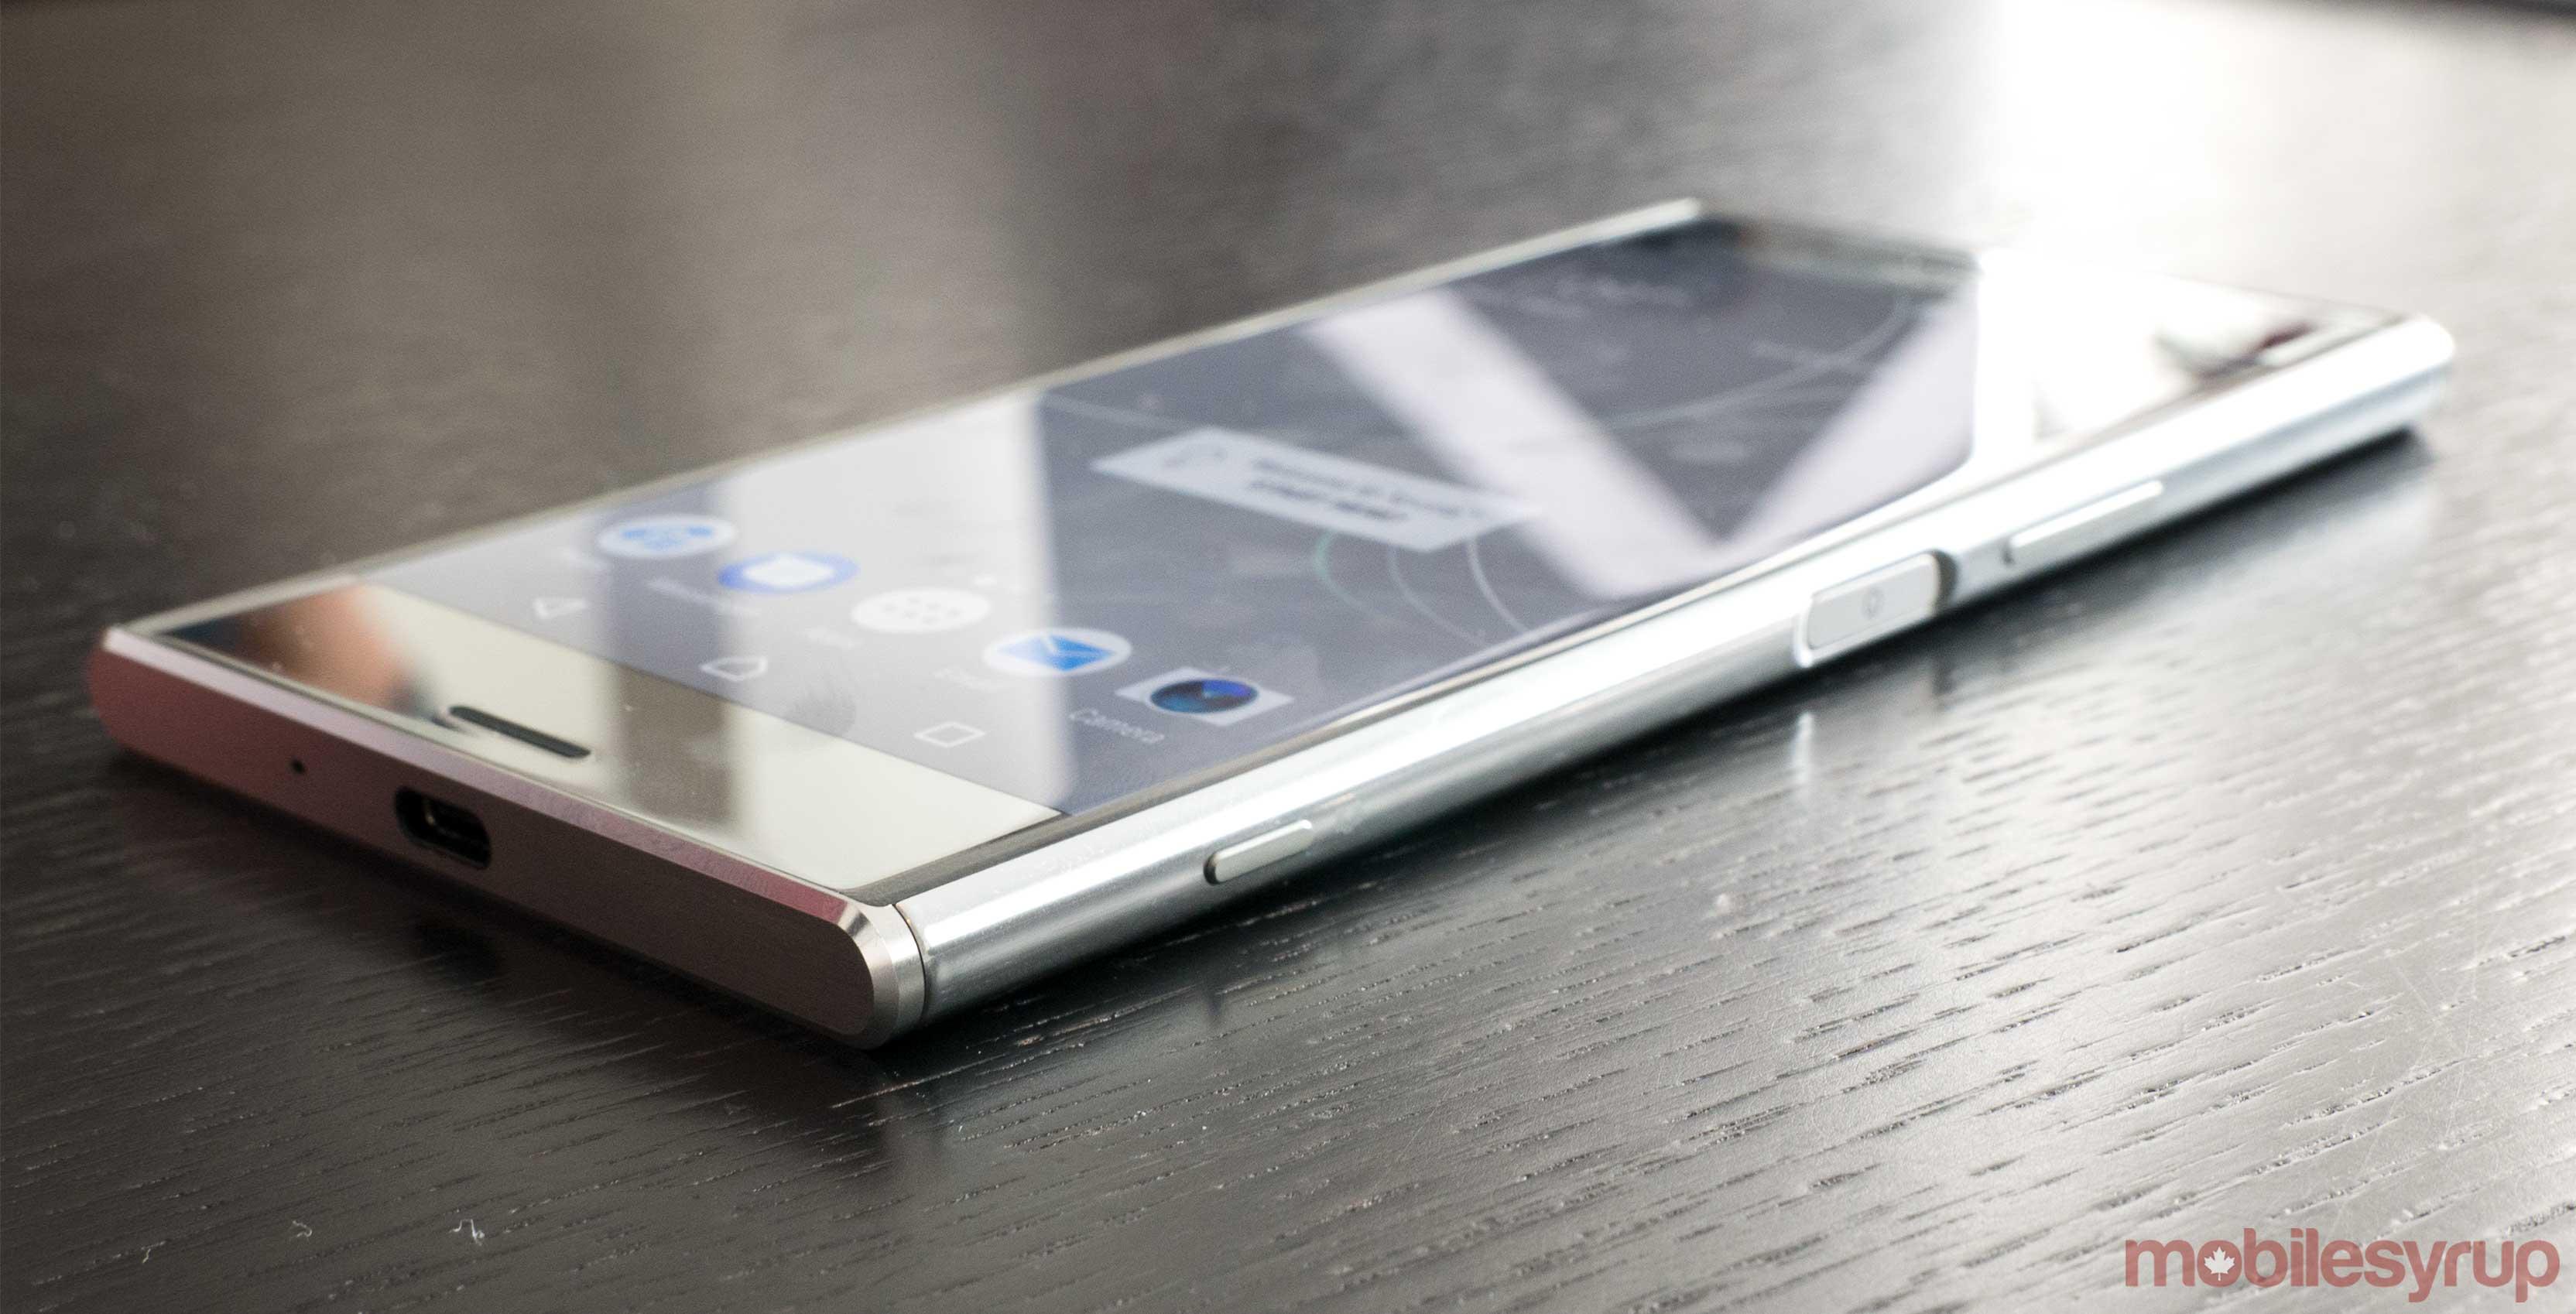 Sony Xperia XZ Premium chính thức - siêu phẩm camera khủng, Snapdragon 835